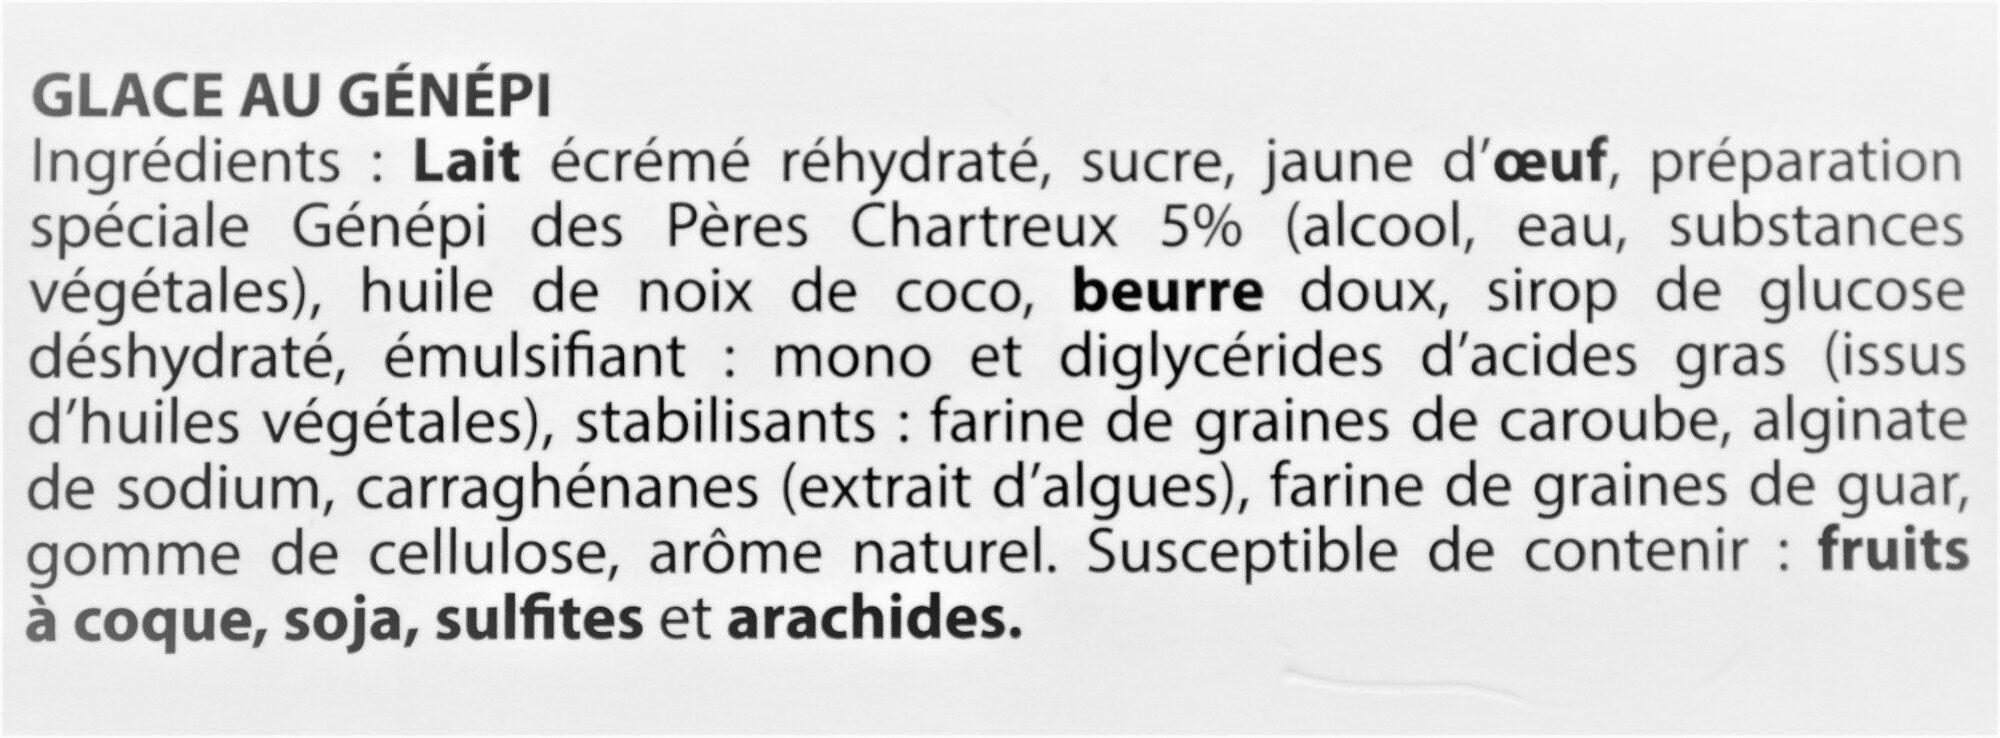 Glace GENEPI, des Pères Chartreux - Ingredients